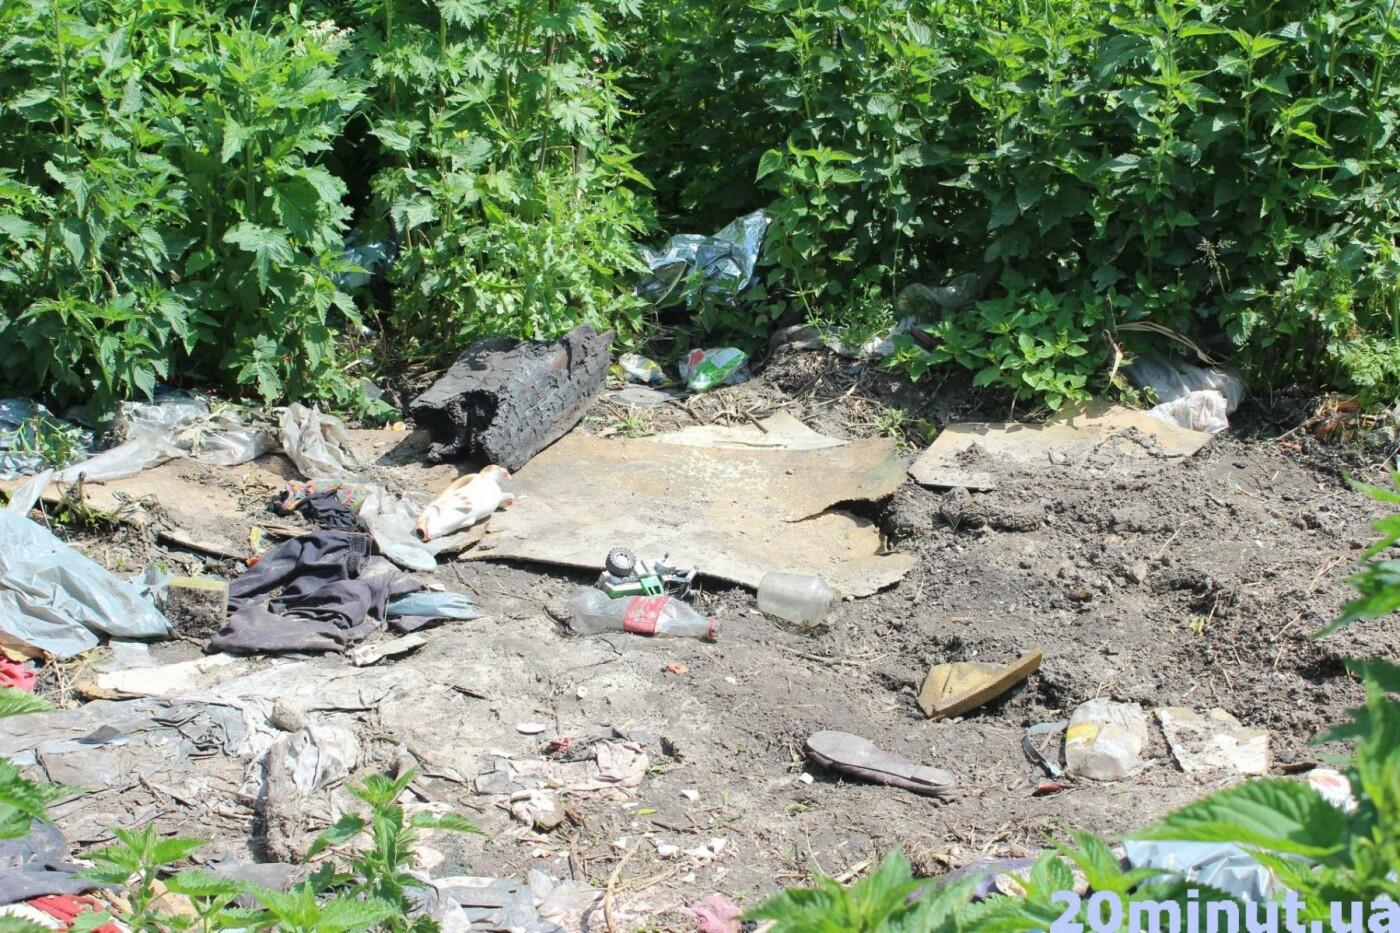 Роми з двох таборів, які жили в лісі неподалік Тернополя, поїхали у невідомому напрямку (ФОТО), фото-2